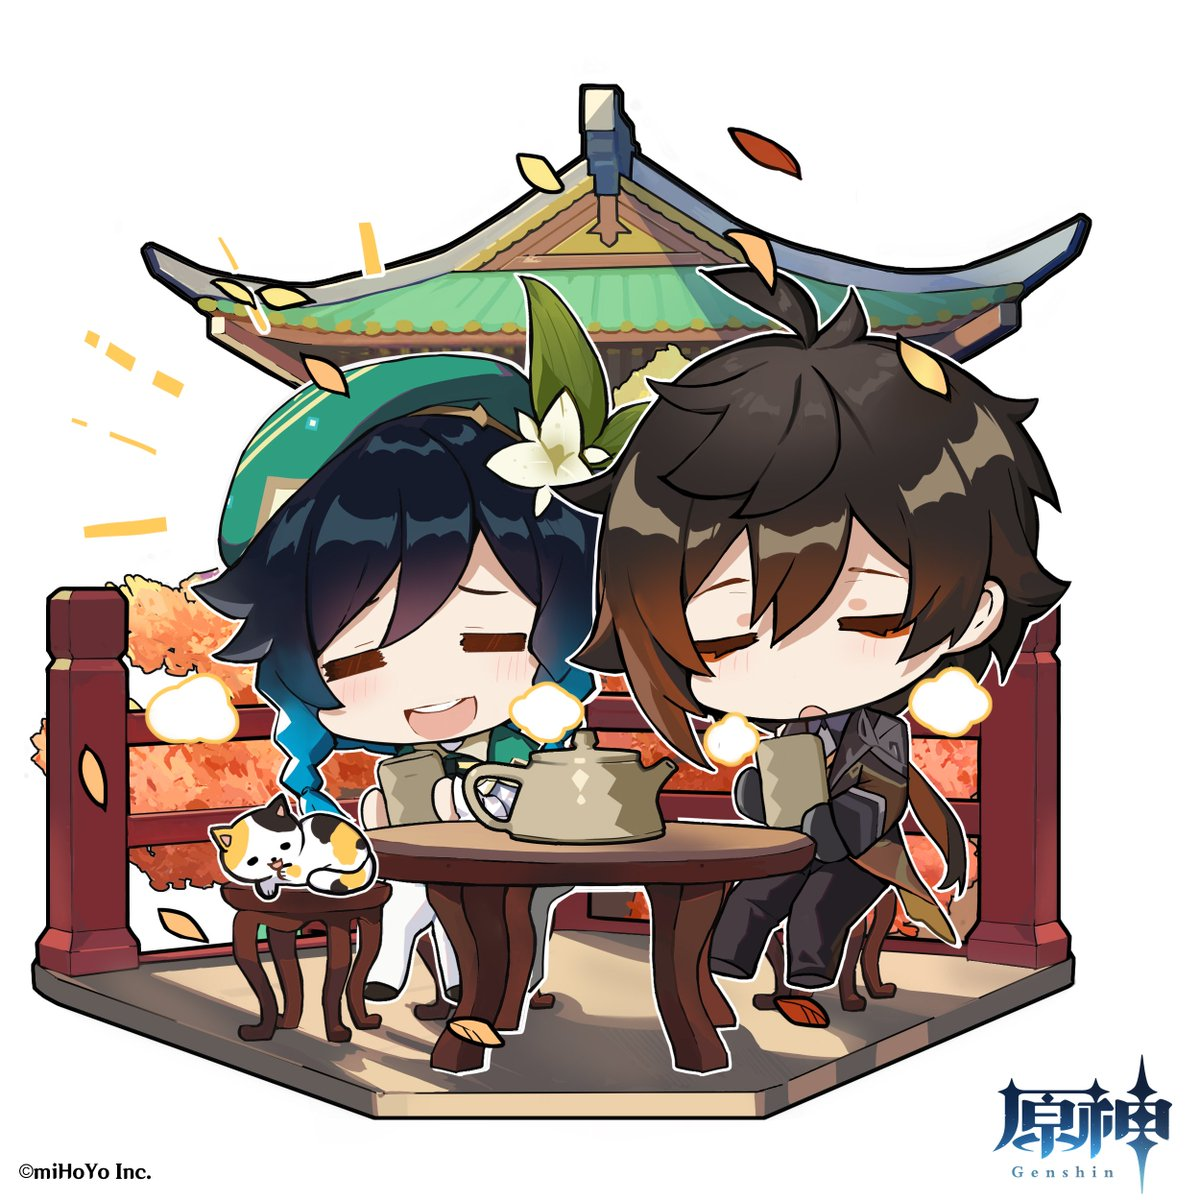 【海灯祭ミニイラスト】 「長いこと忙しい日々が続いてきた。この余暇は貴重なものだろう?」 「えへっ!」  #原神 #Genshin